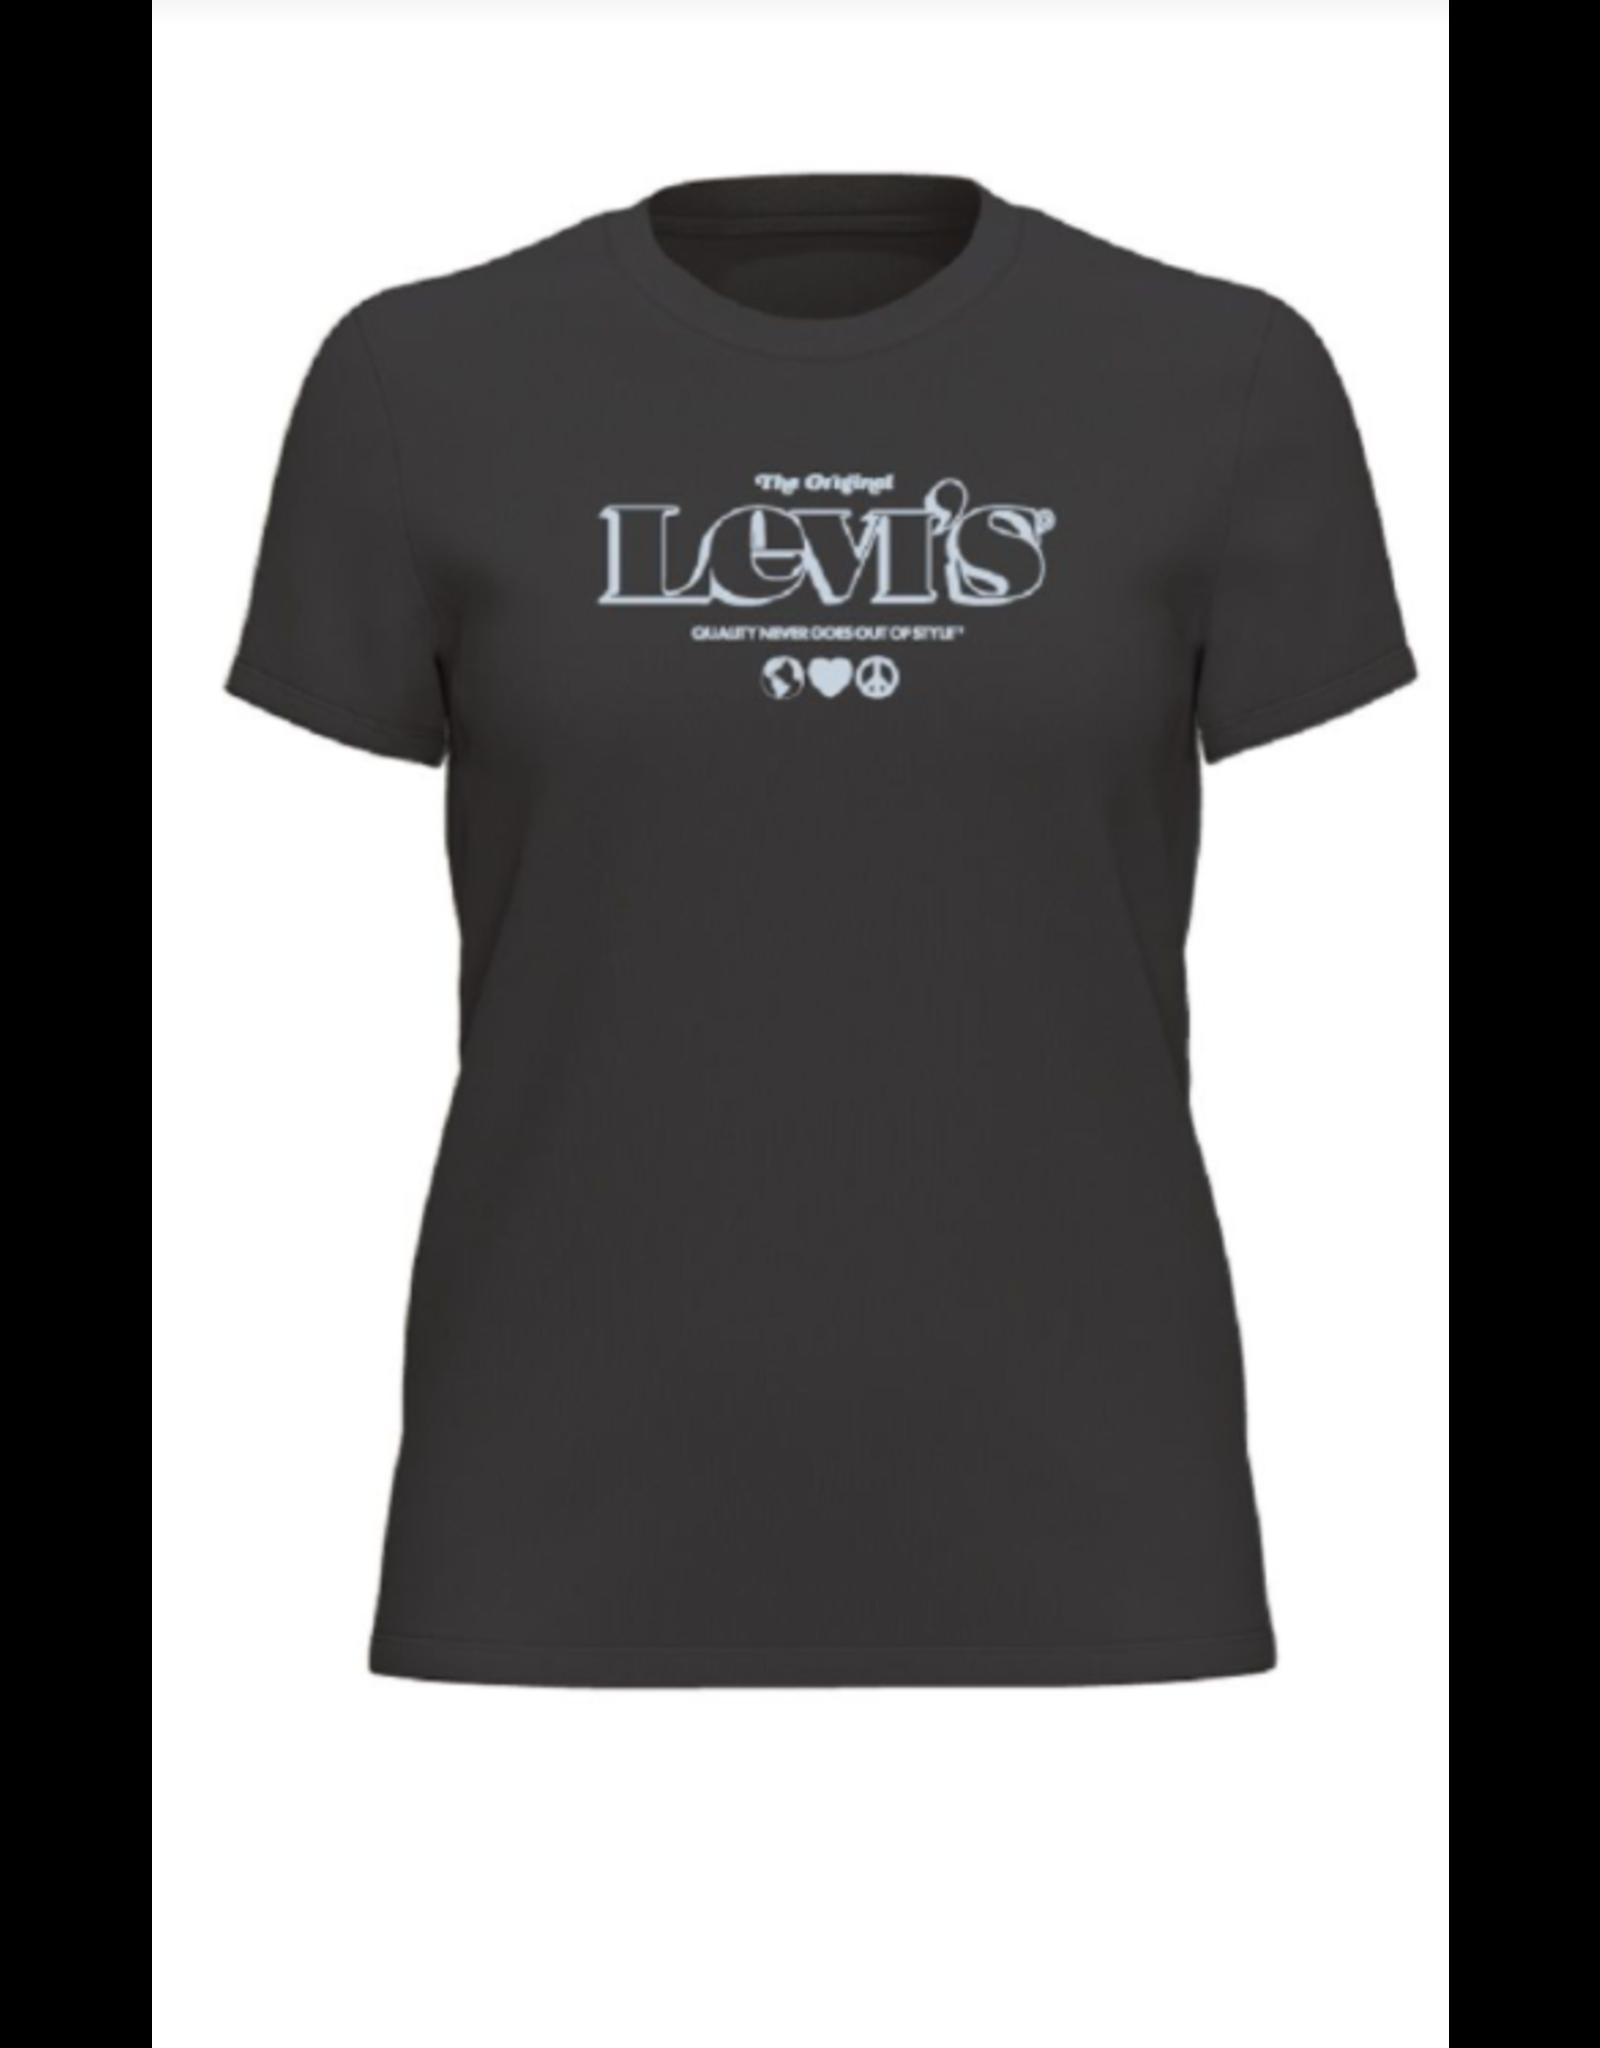 LEVIS LEVI'S-T SHIRT-1705